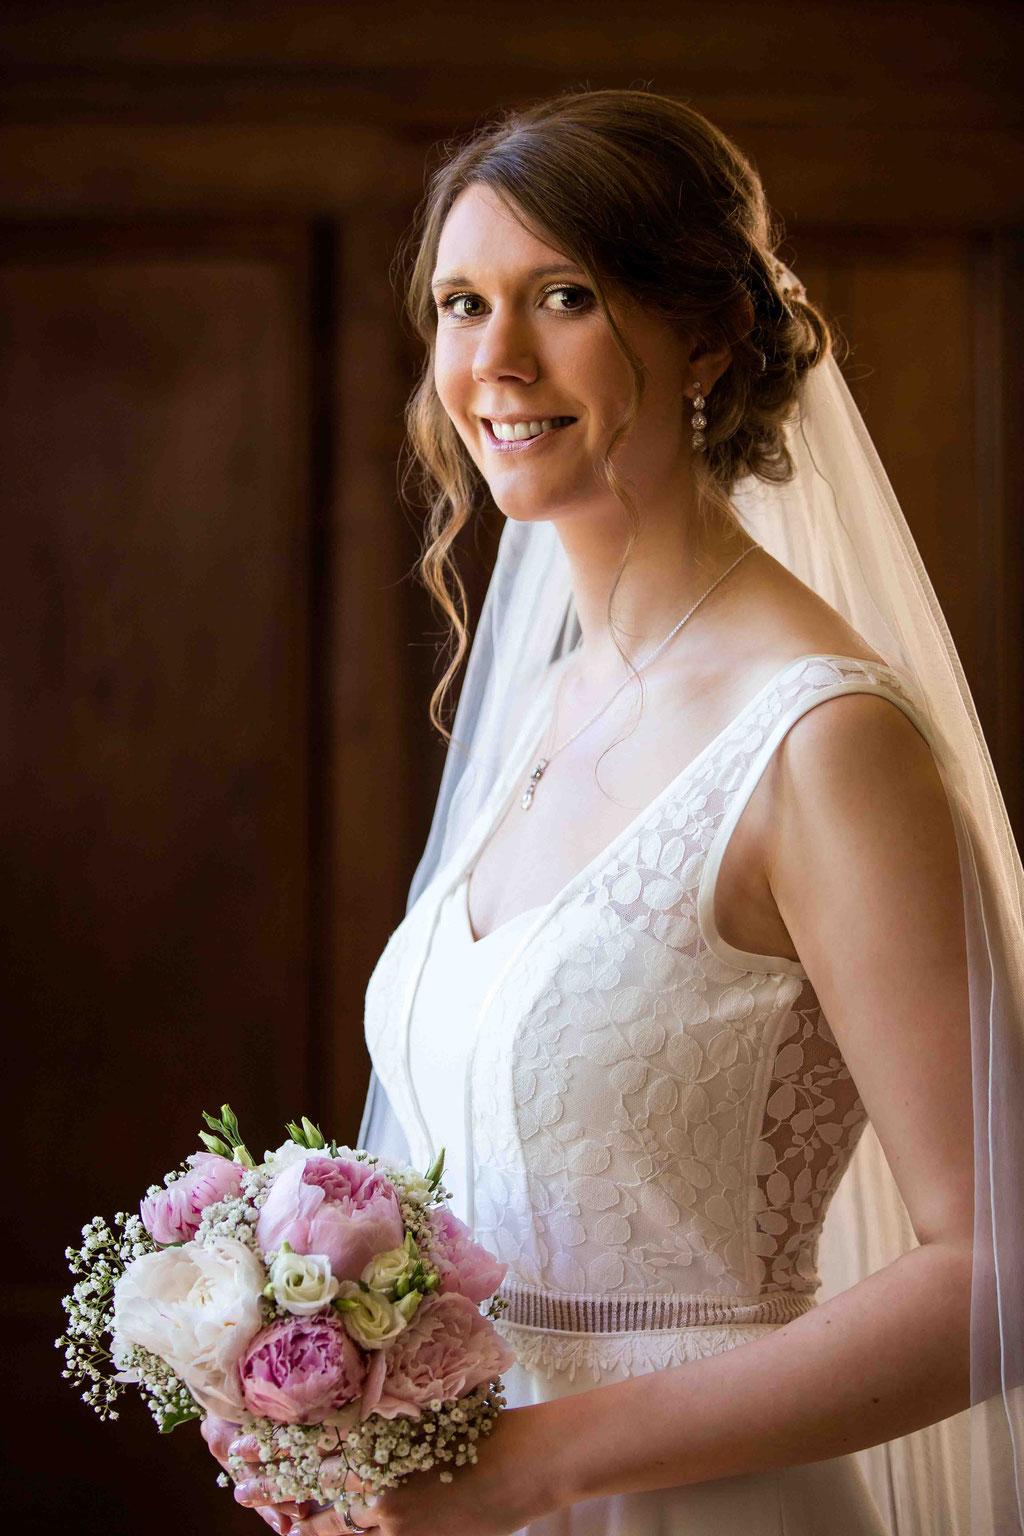 Porträt der Braut am Fenster, Brautkleid und Brautstrauß fotografiert vom Hochzeitsfotograf